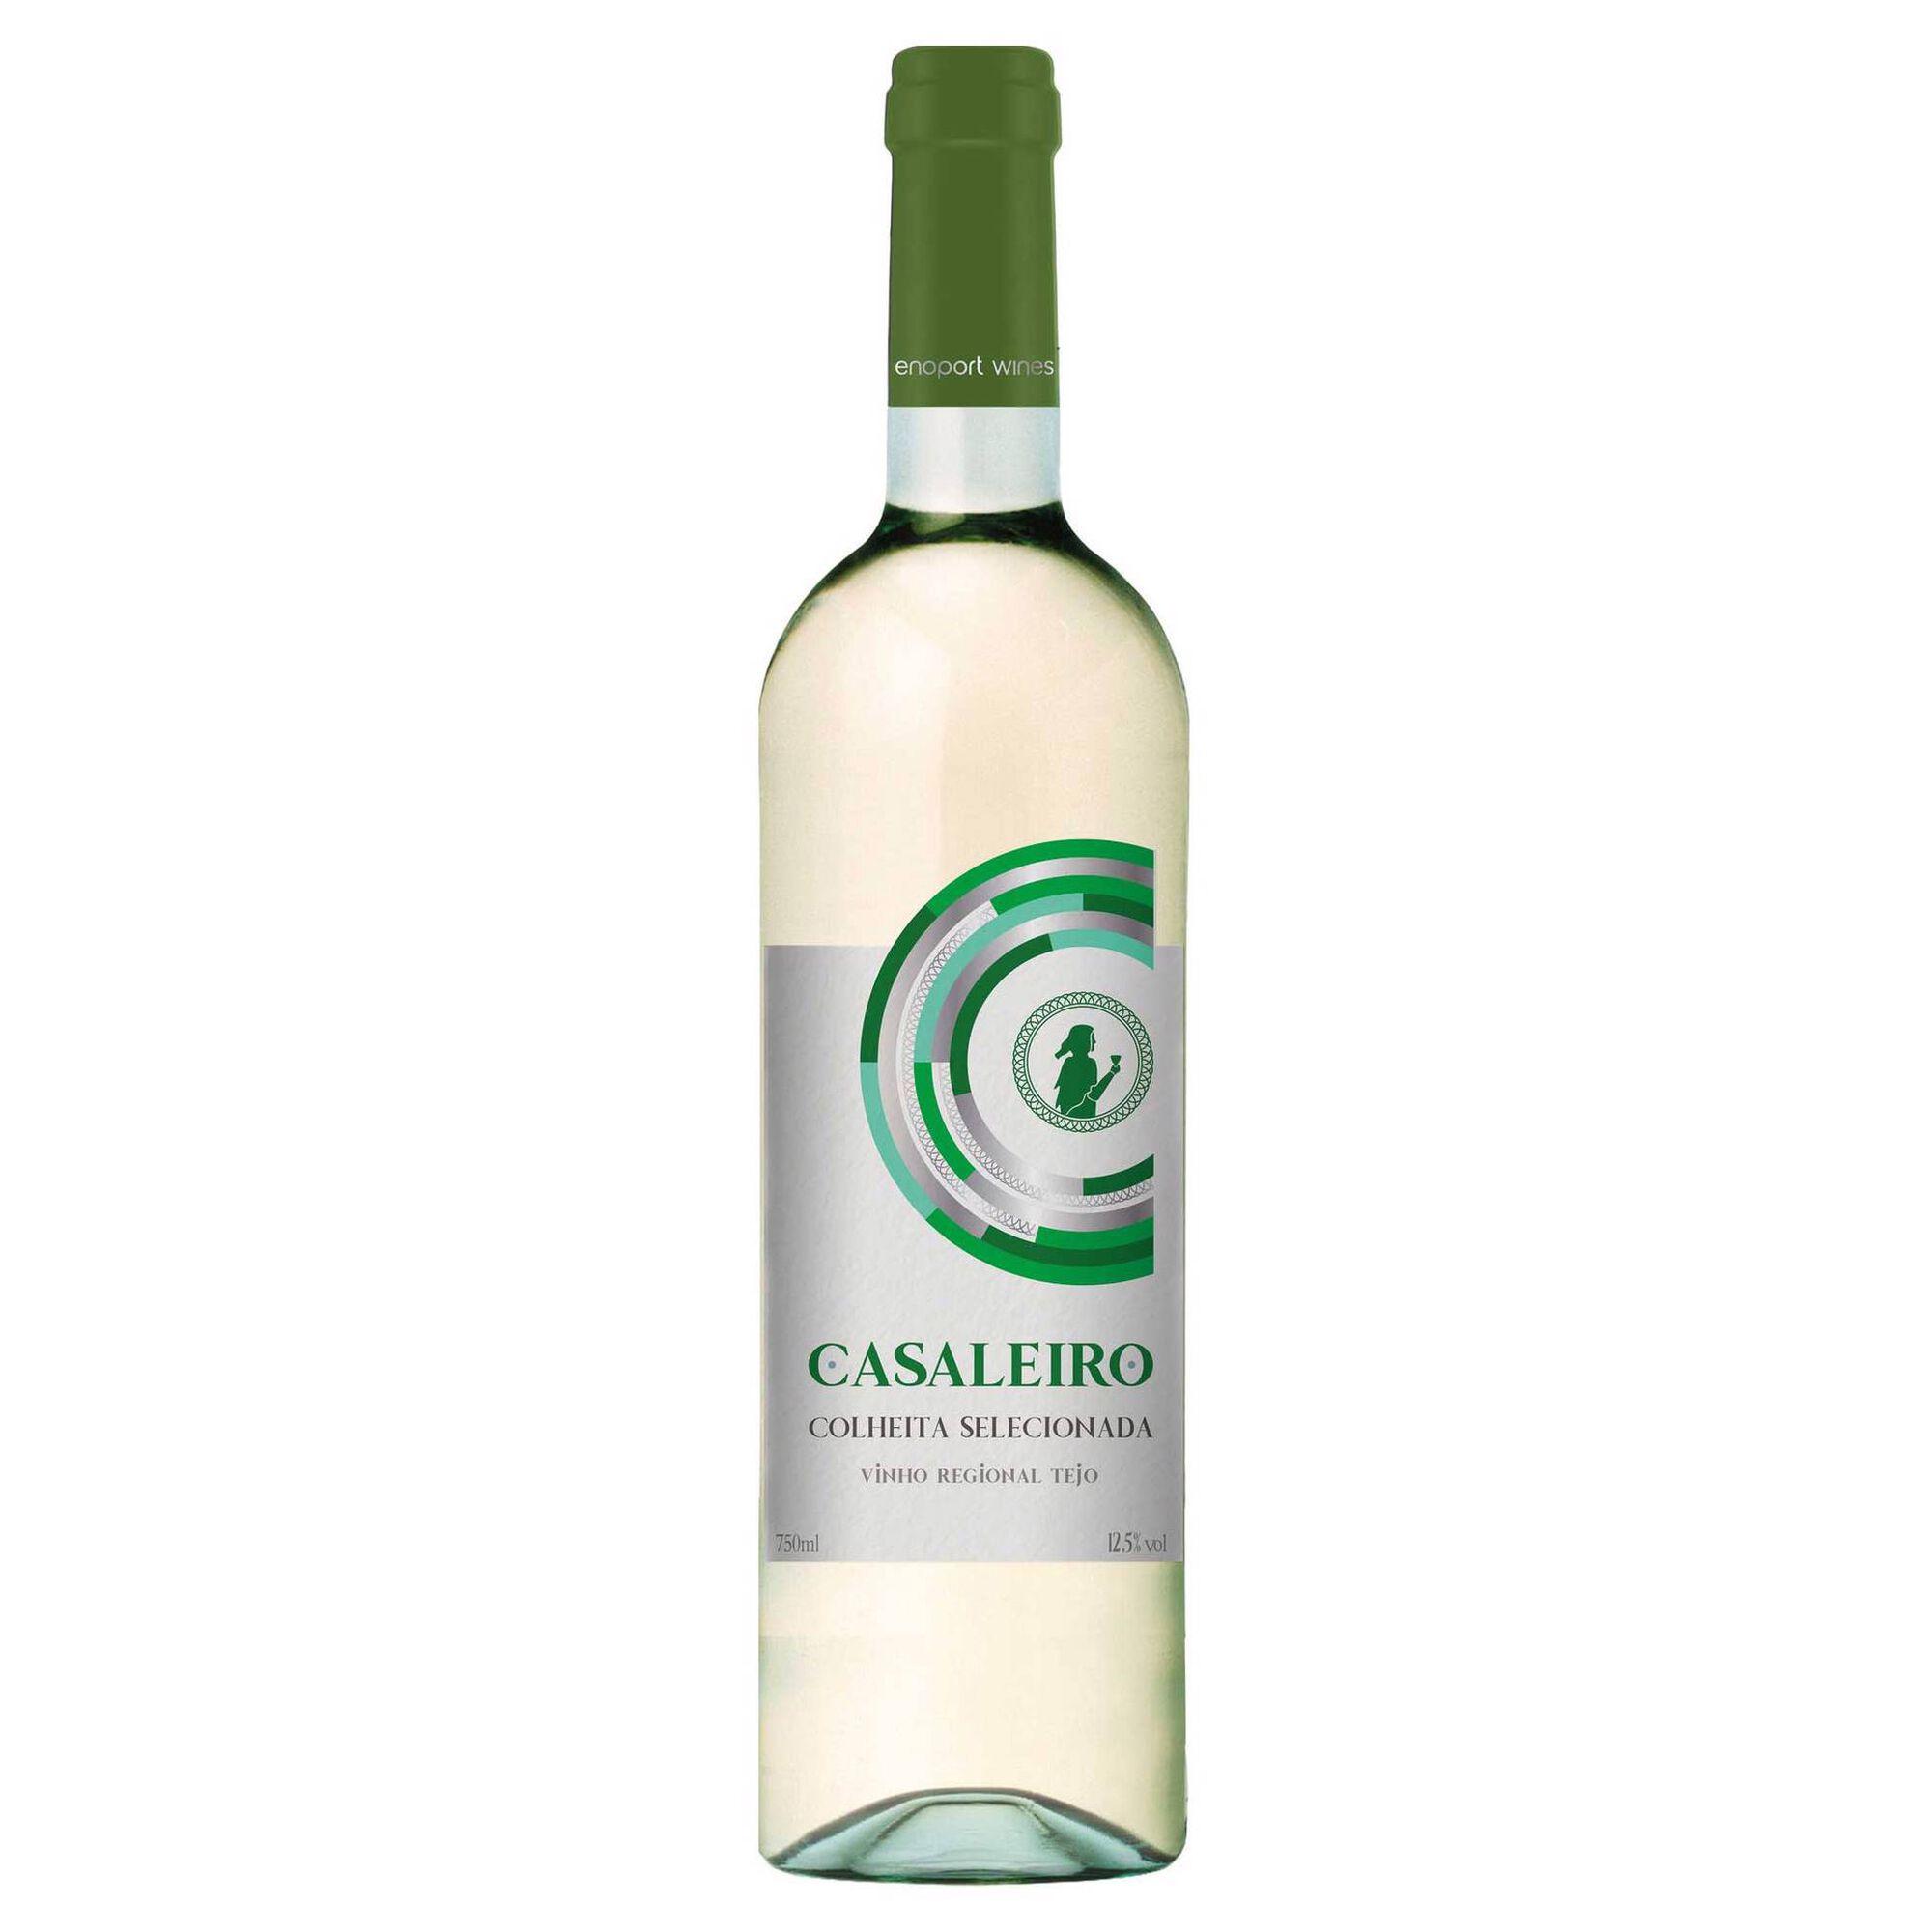 Casaleiro Colheita Seleccionada Regional Tejo Vinho Branco